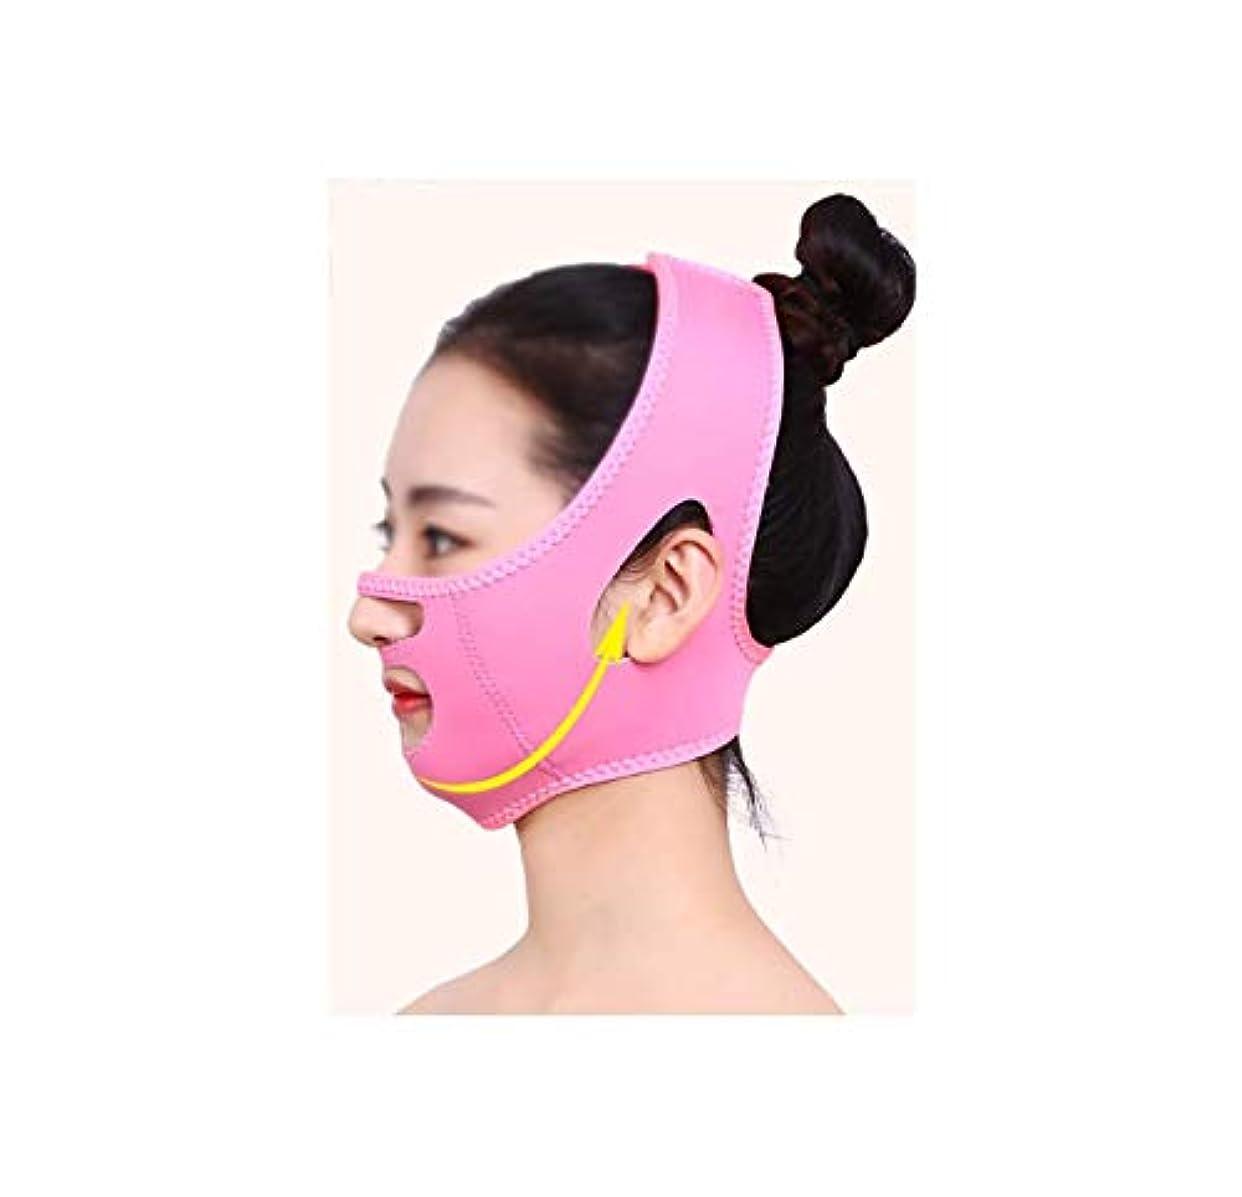 生産的雑多な値フェイスリフトマスク、フェイシャルマスク薄い顔マシン美容器具ローラー顔面薄い顔Vフェイスマスクダブルあご包帯アーティファクト